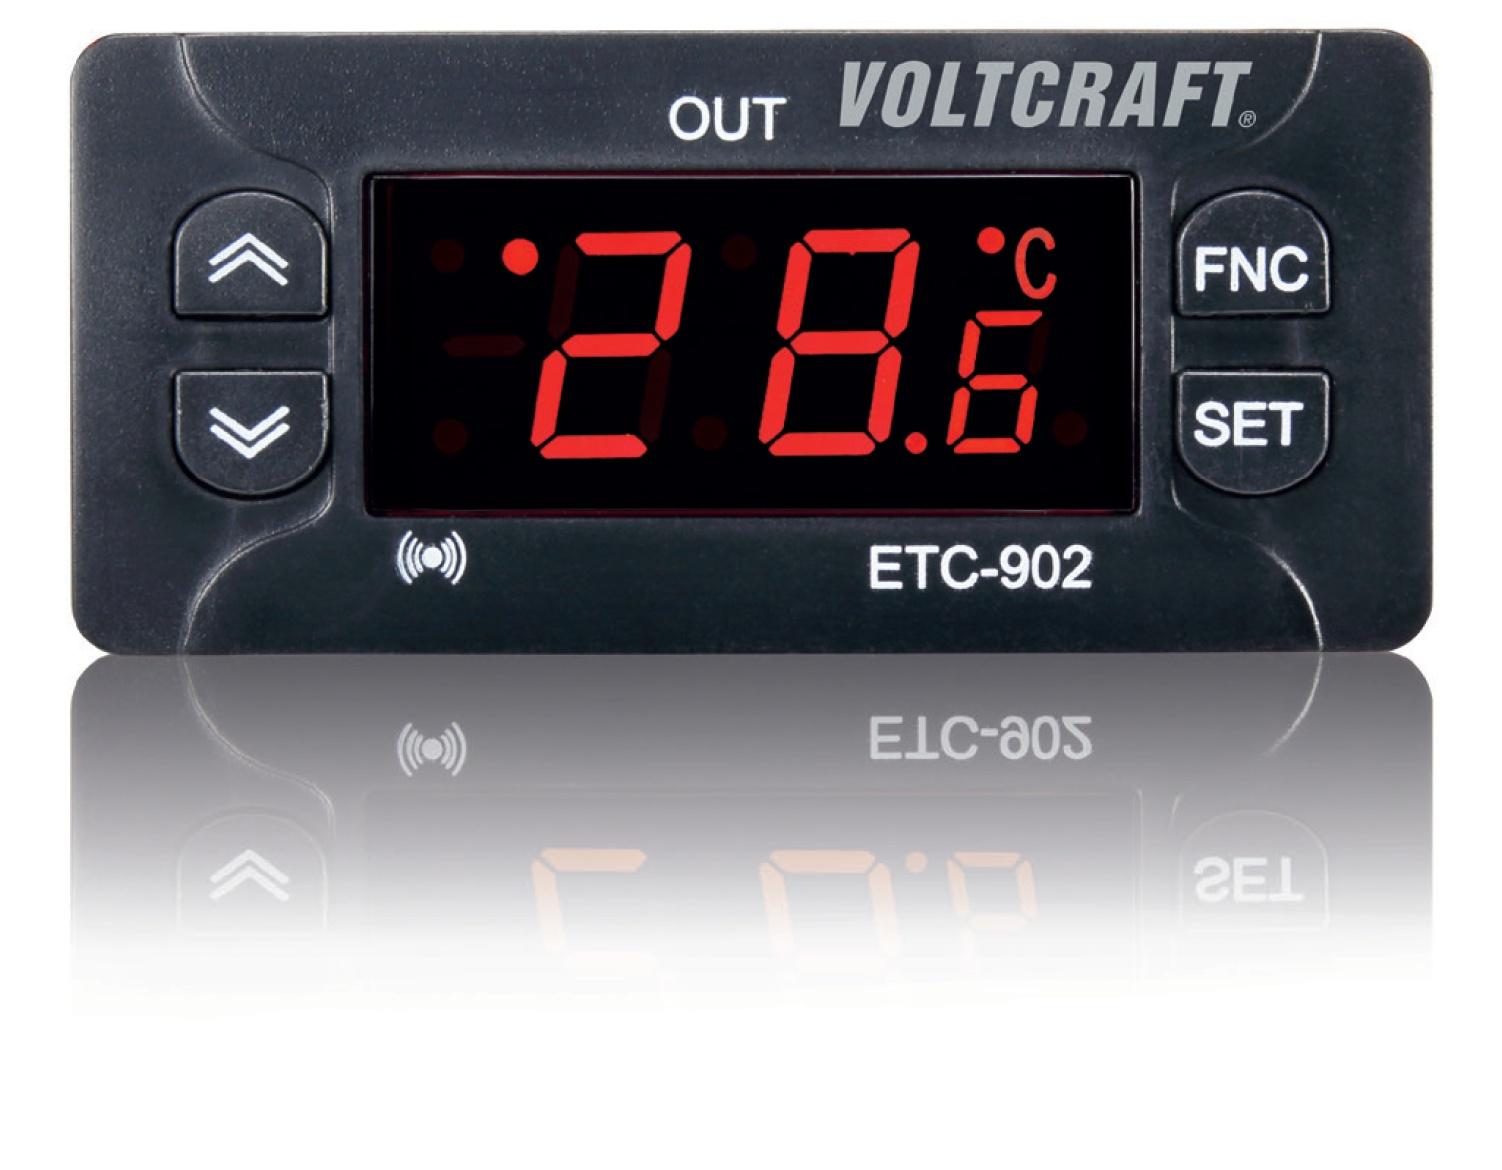 Termostat VOLTCRAFT ETC-902, typ senzoru NTC, PTC, -30 až 50 °C